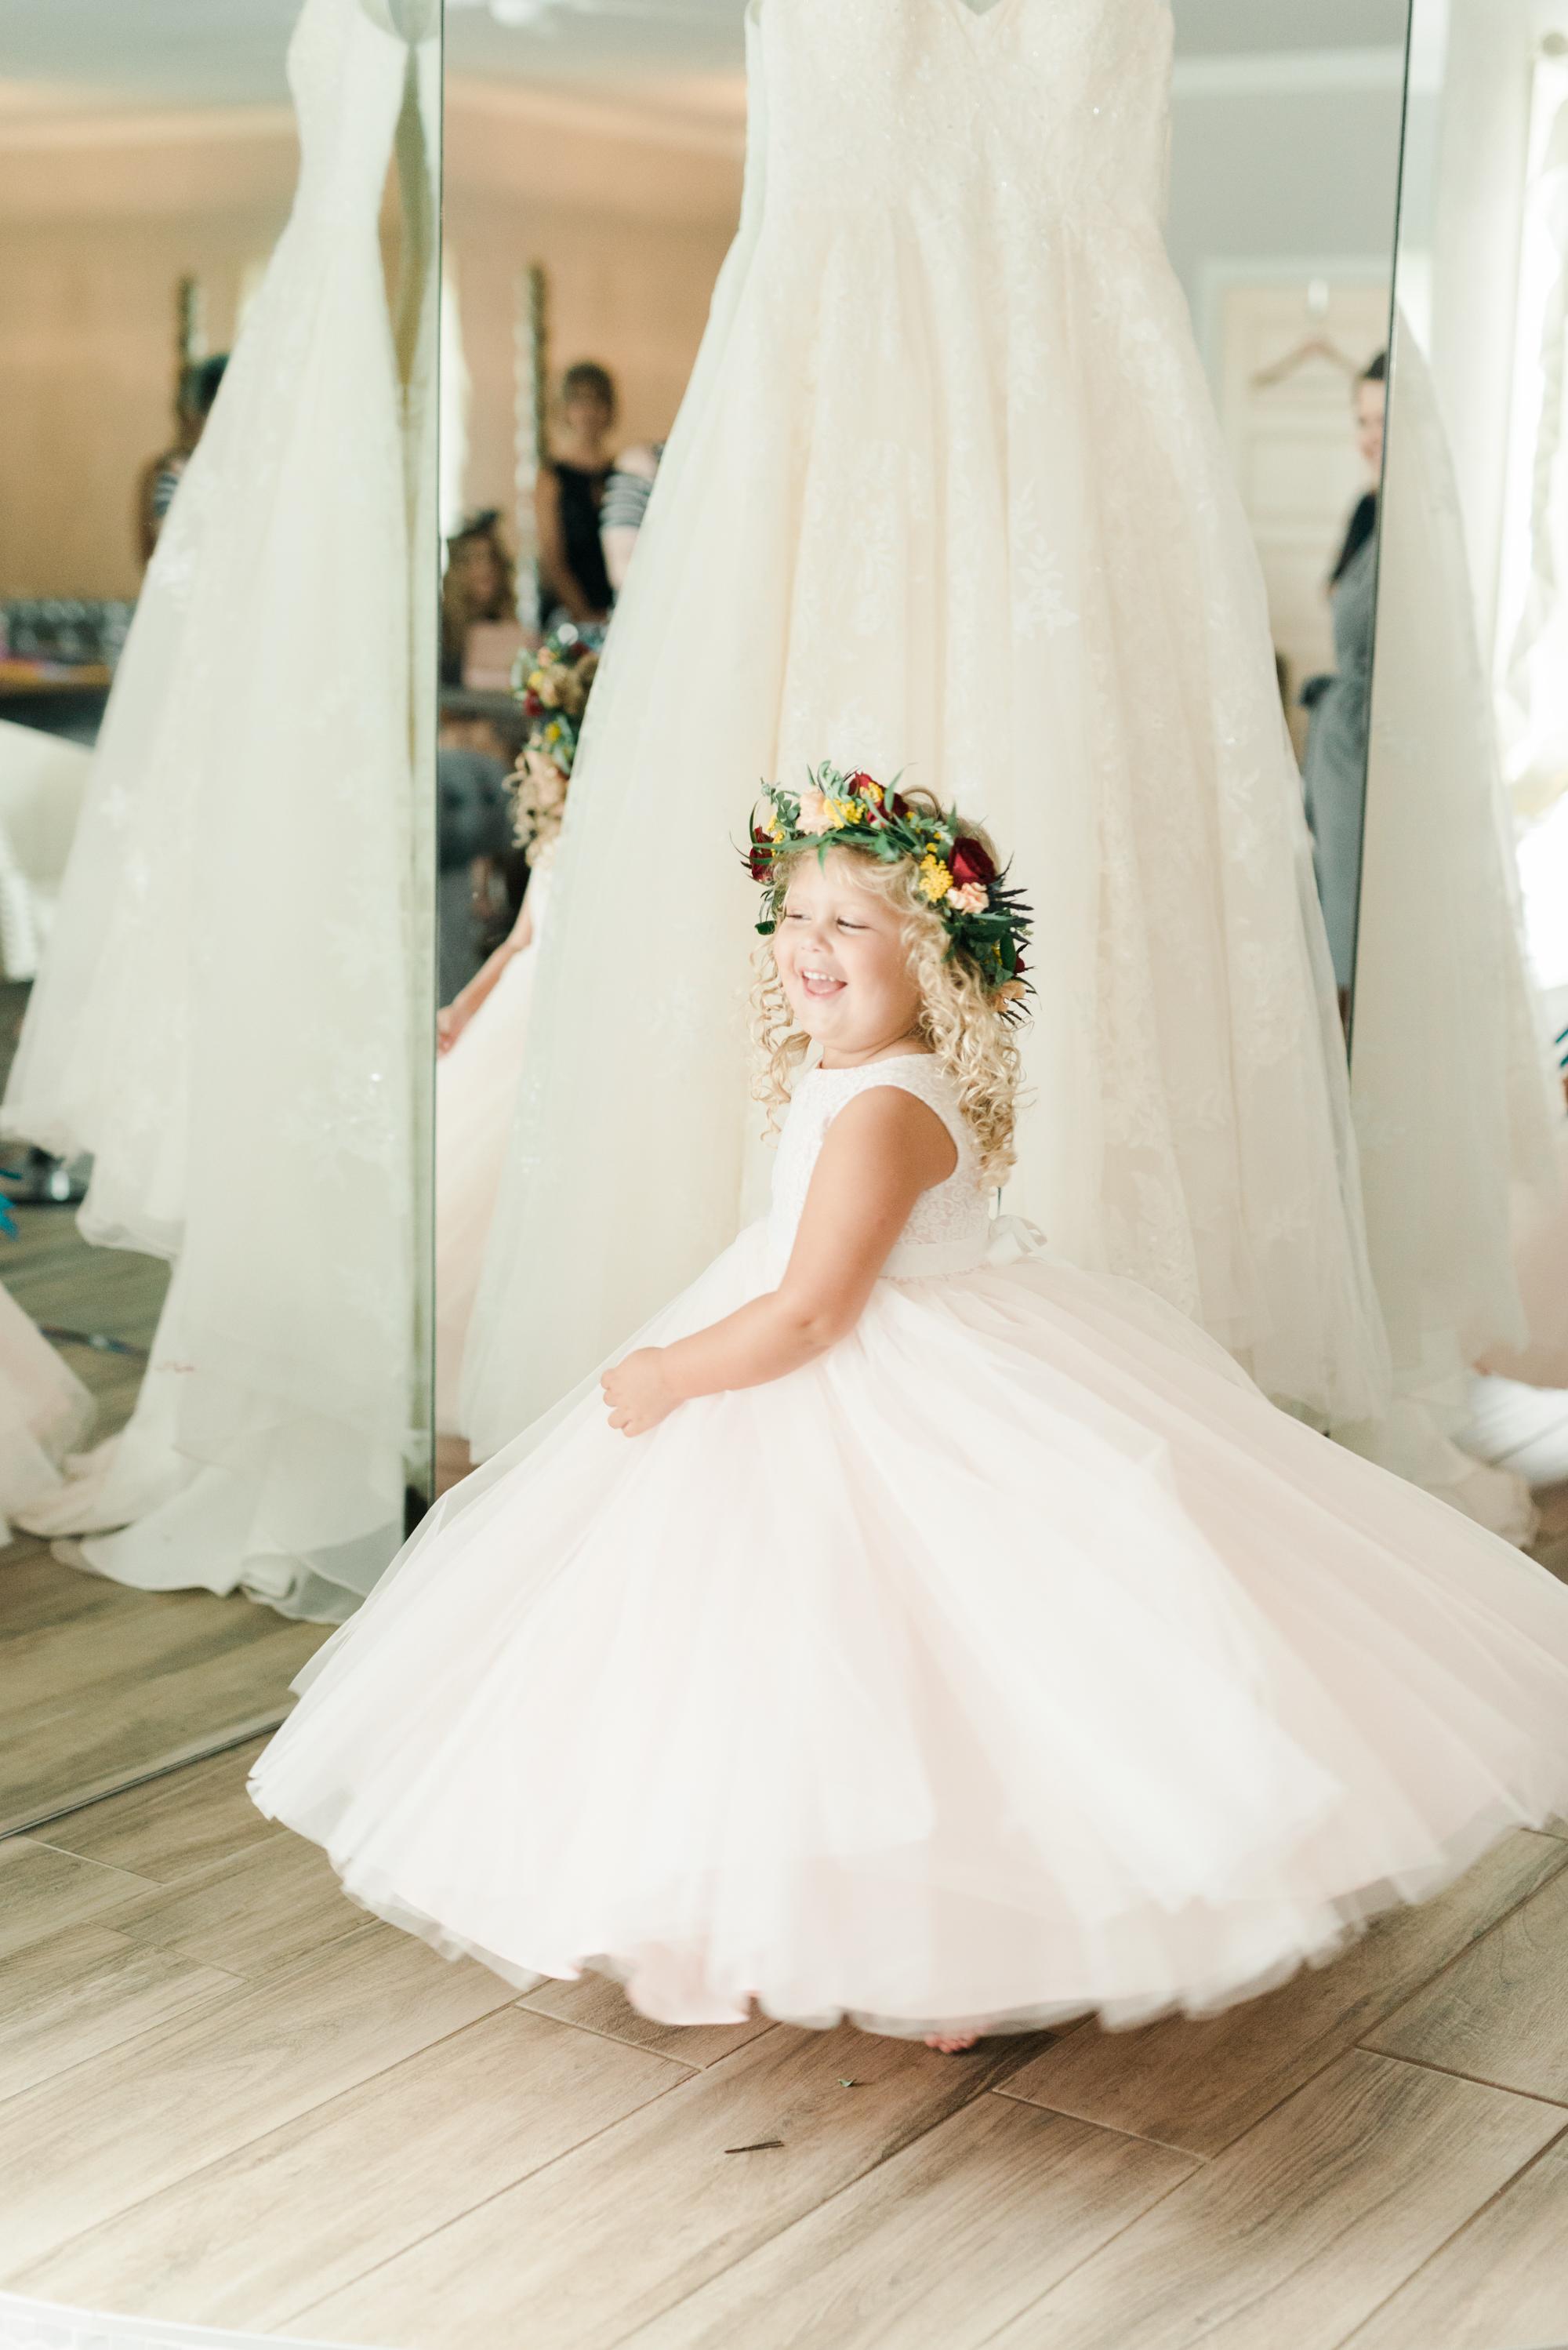 Wesley-Wedding-Ten23-Photography-72.jpg